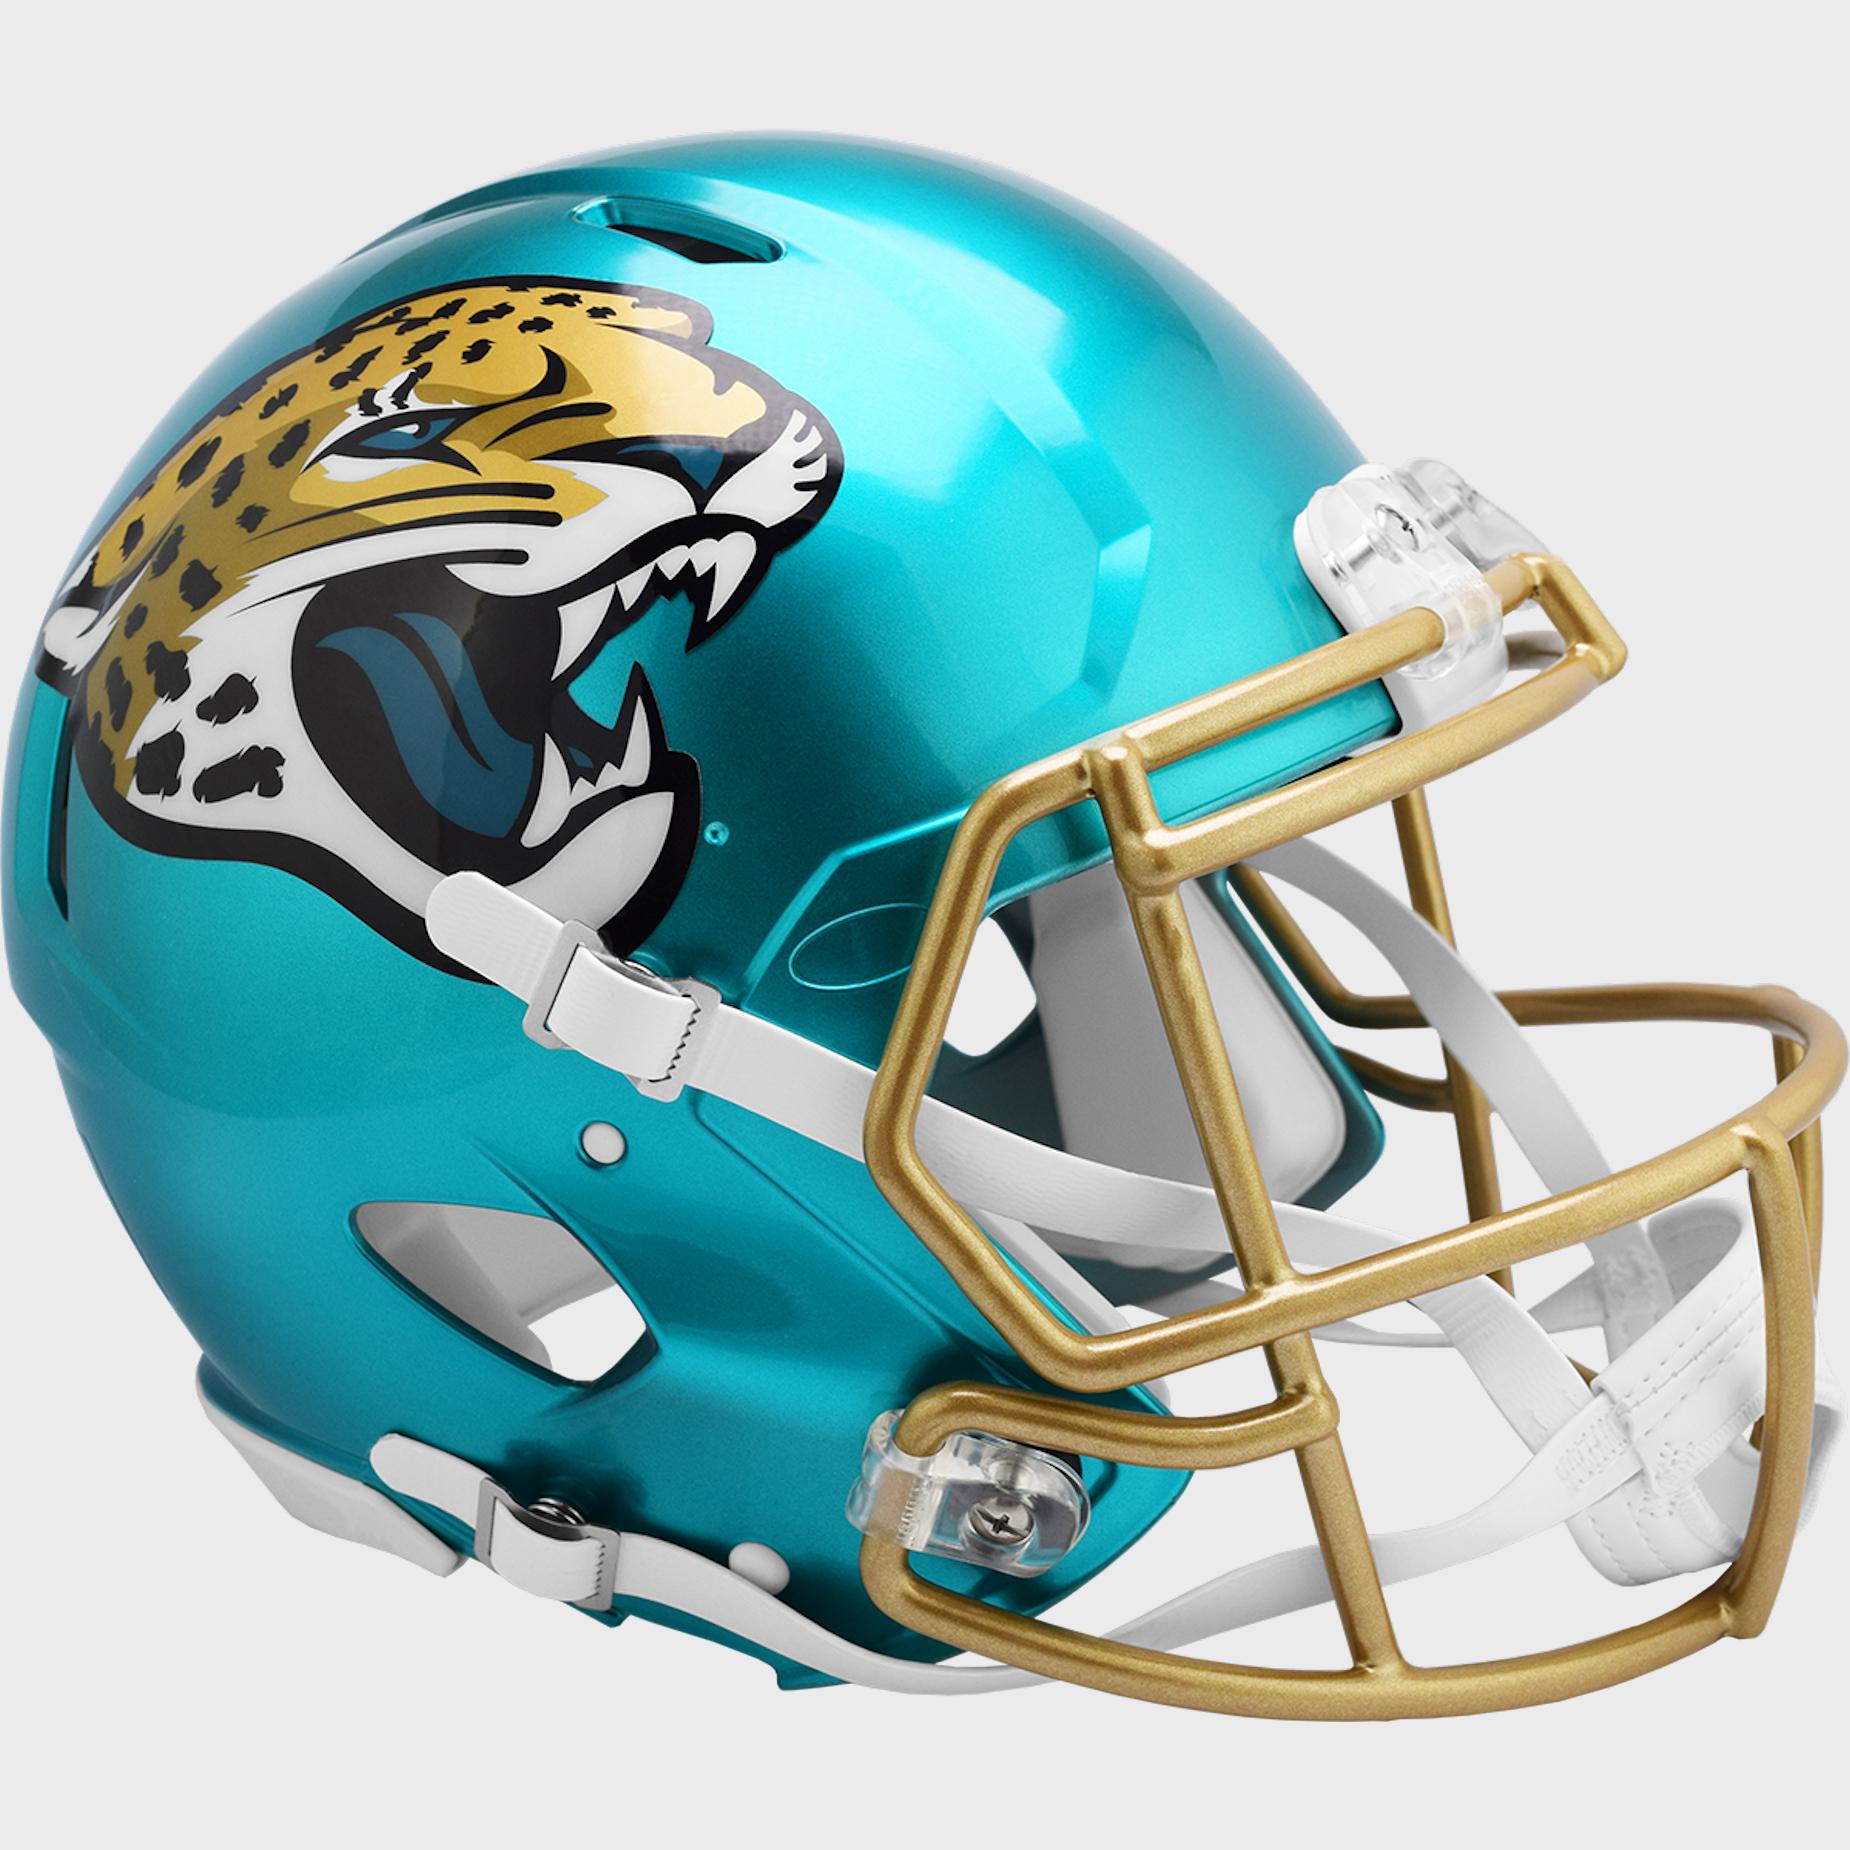 Jacksonville Jaguars Speed Football Helmet <B>FLASH ESD 8/21/21</B>